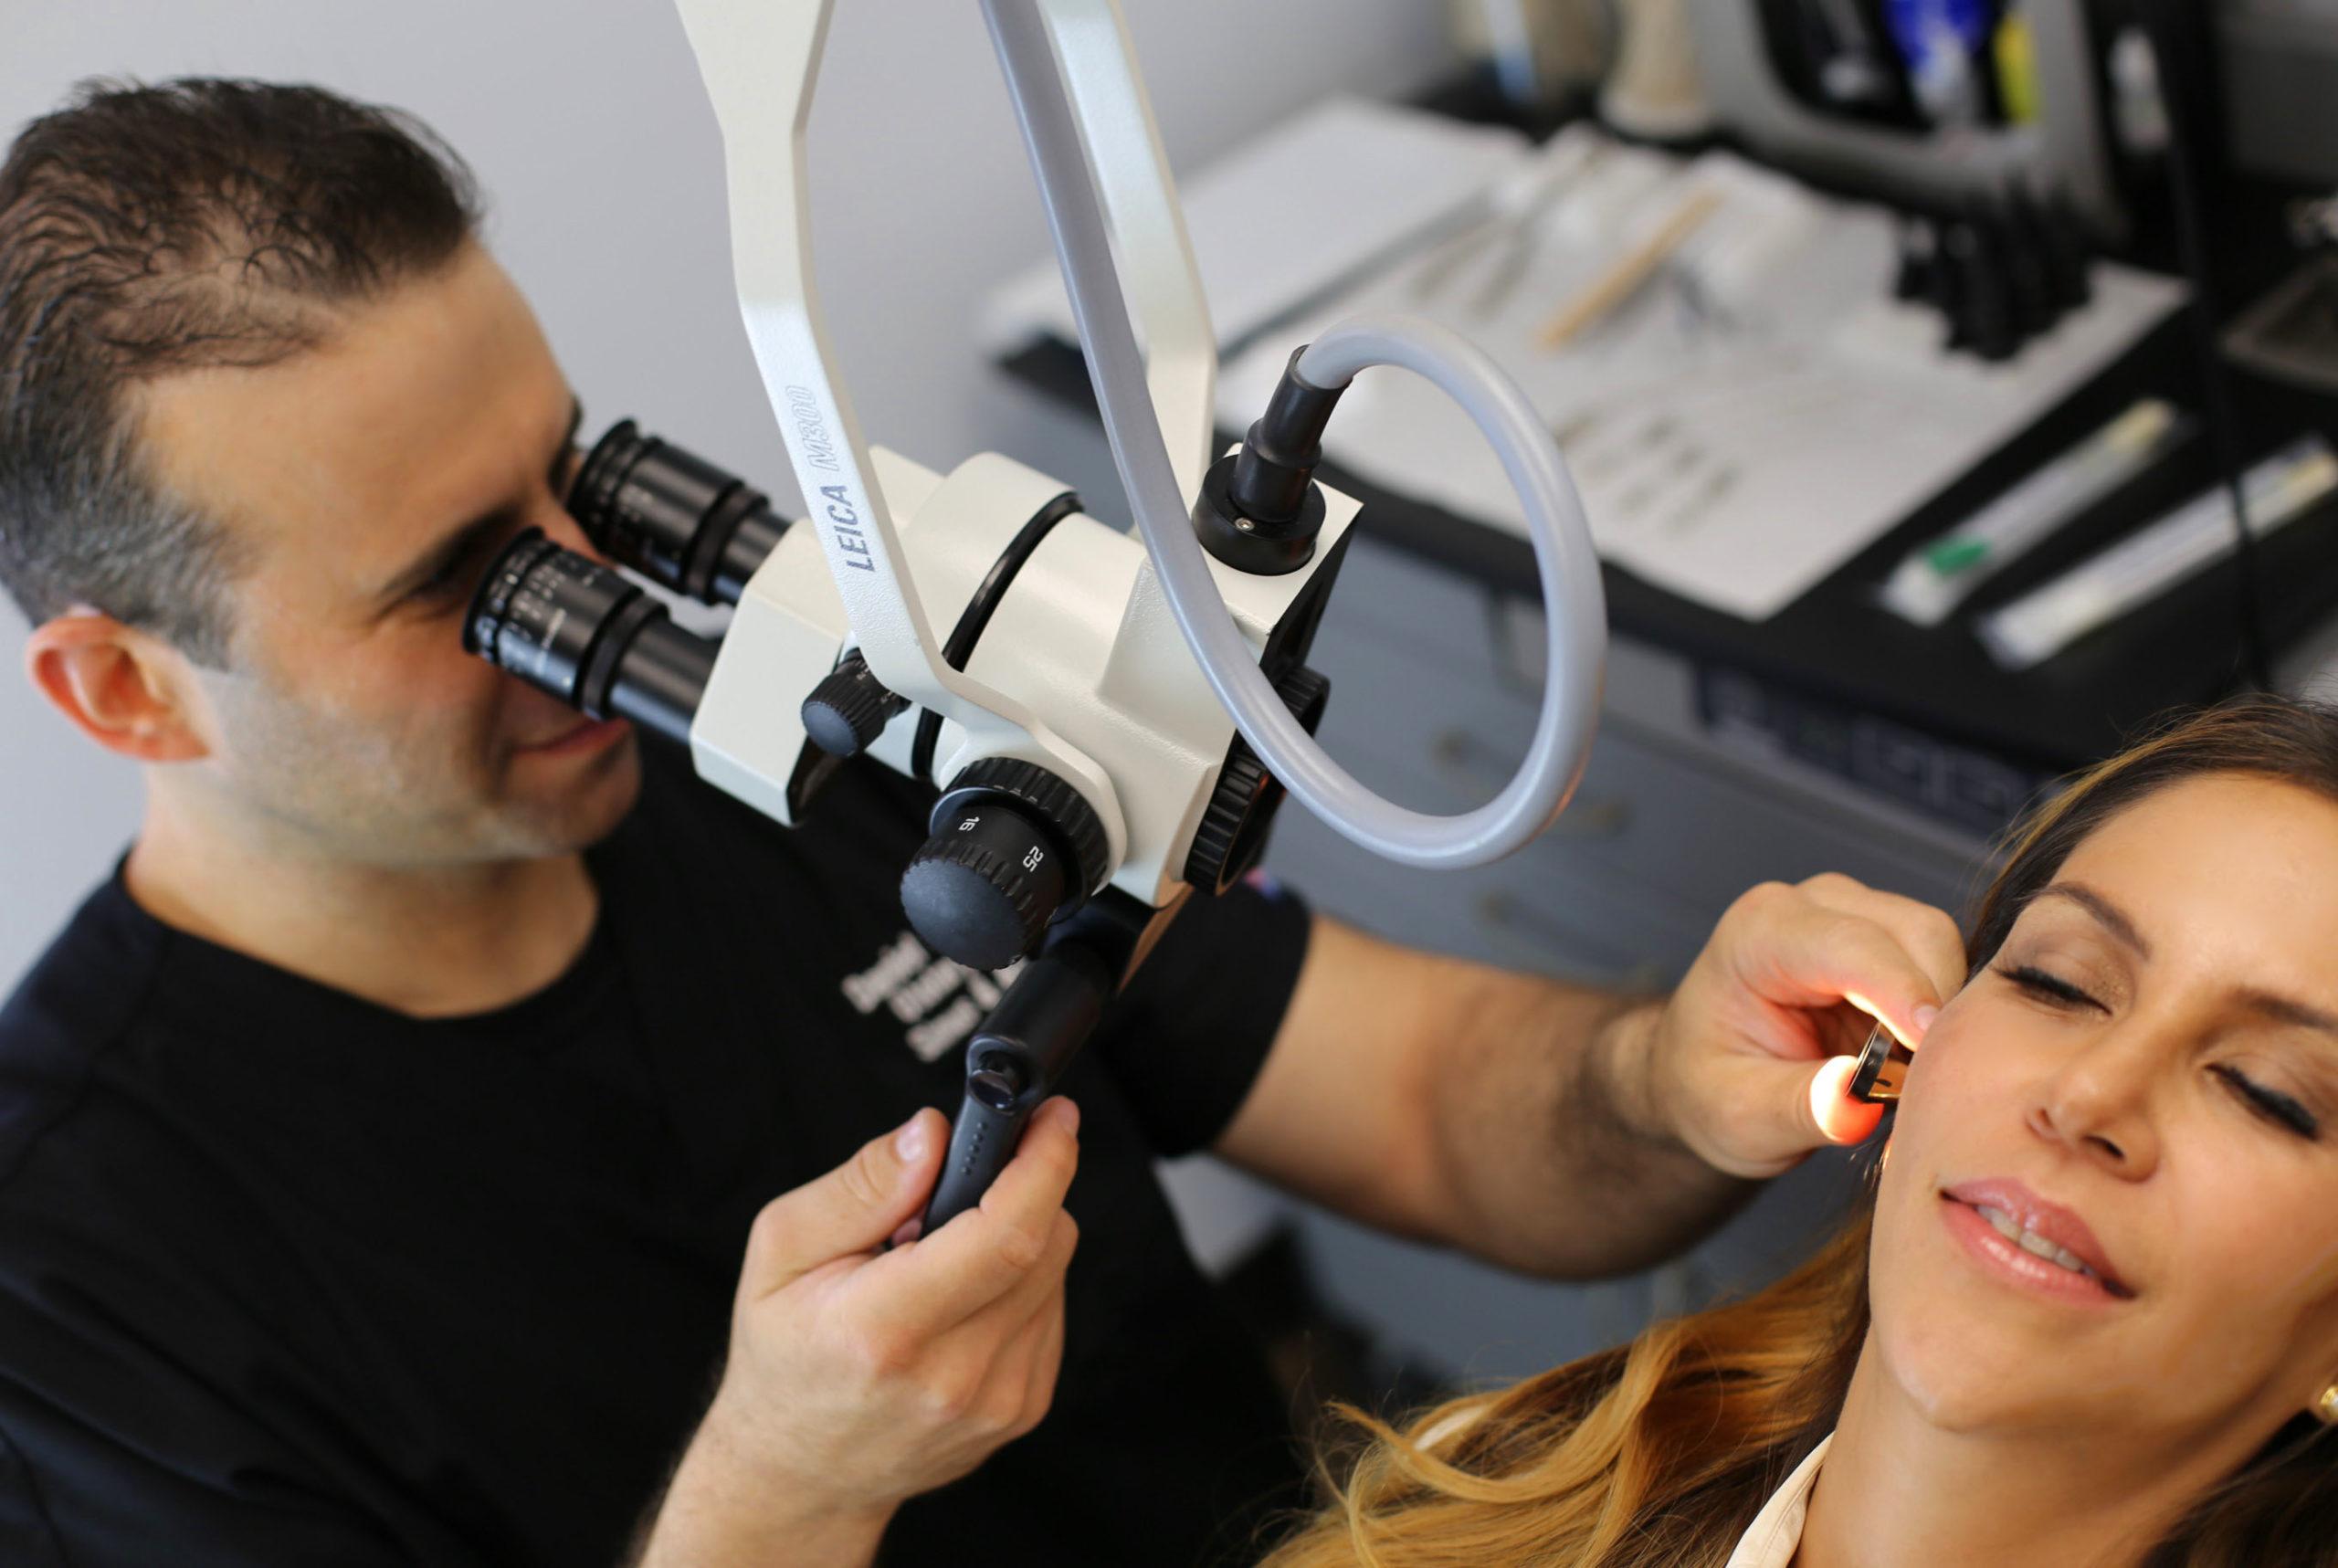 Dr. Daniel Ganc examining a patient